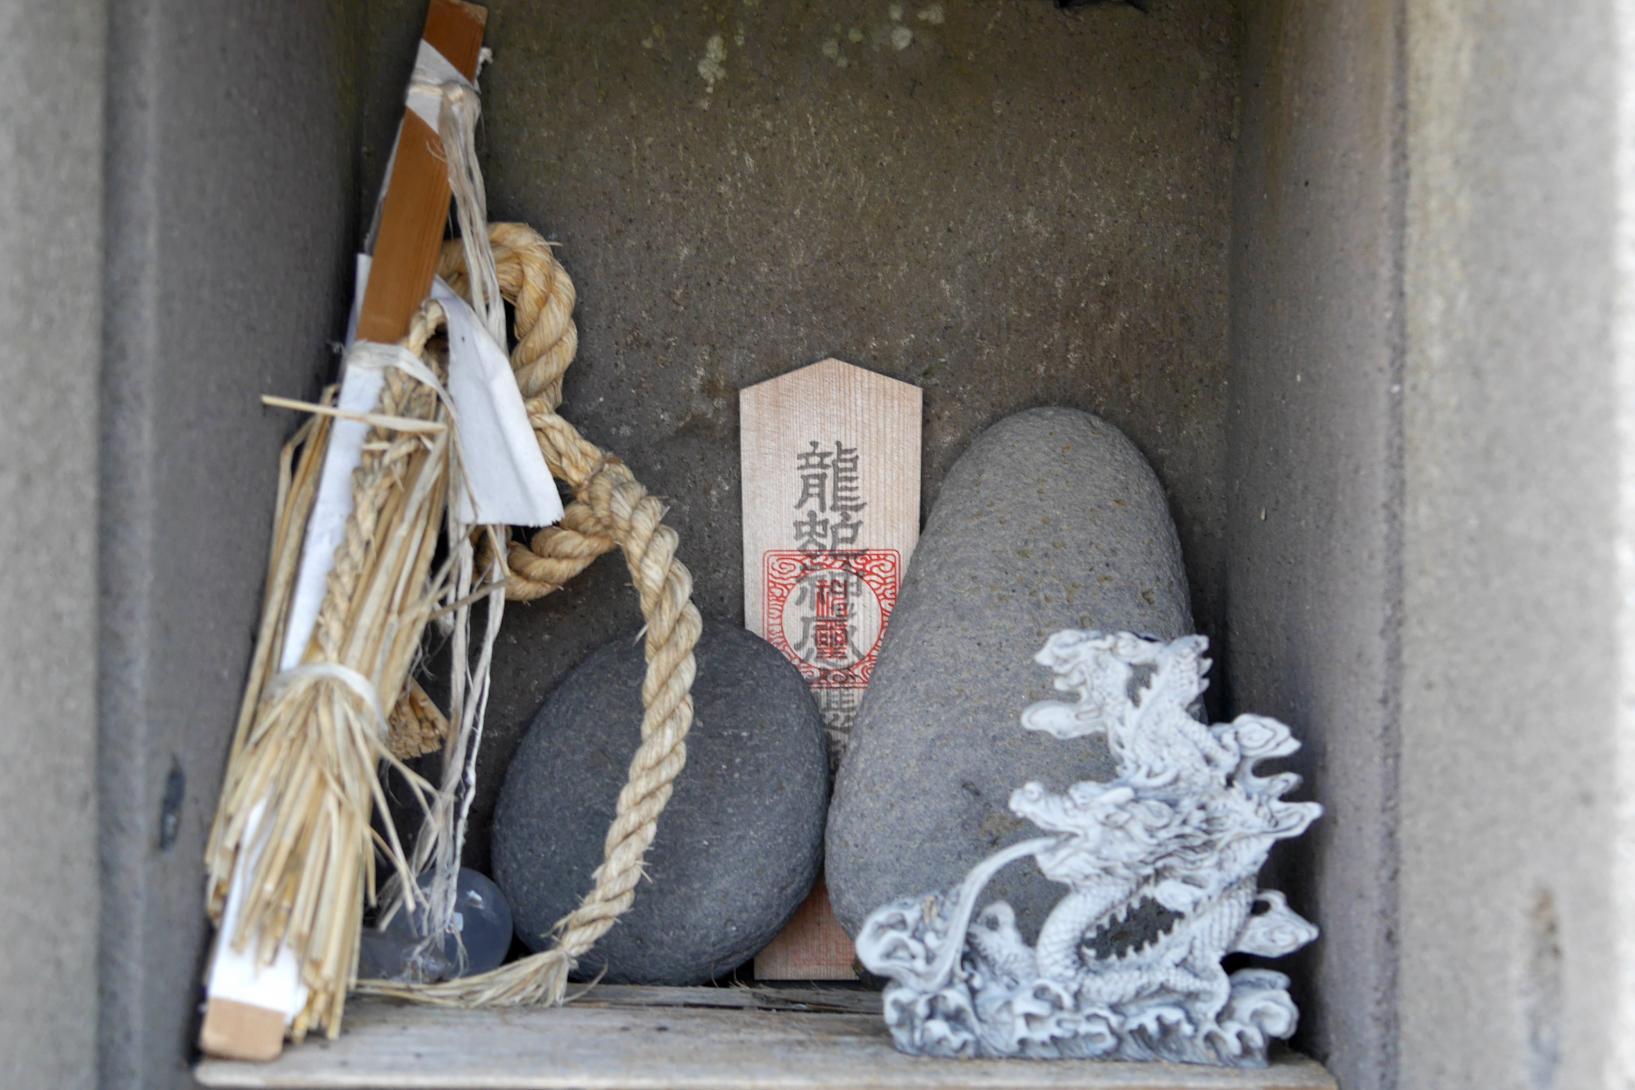 龍蛇神社(芦辺町) ~龍の背中?奇石が広がるパワースポット~-3